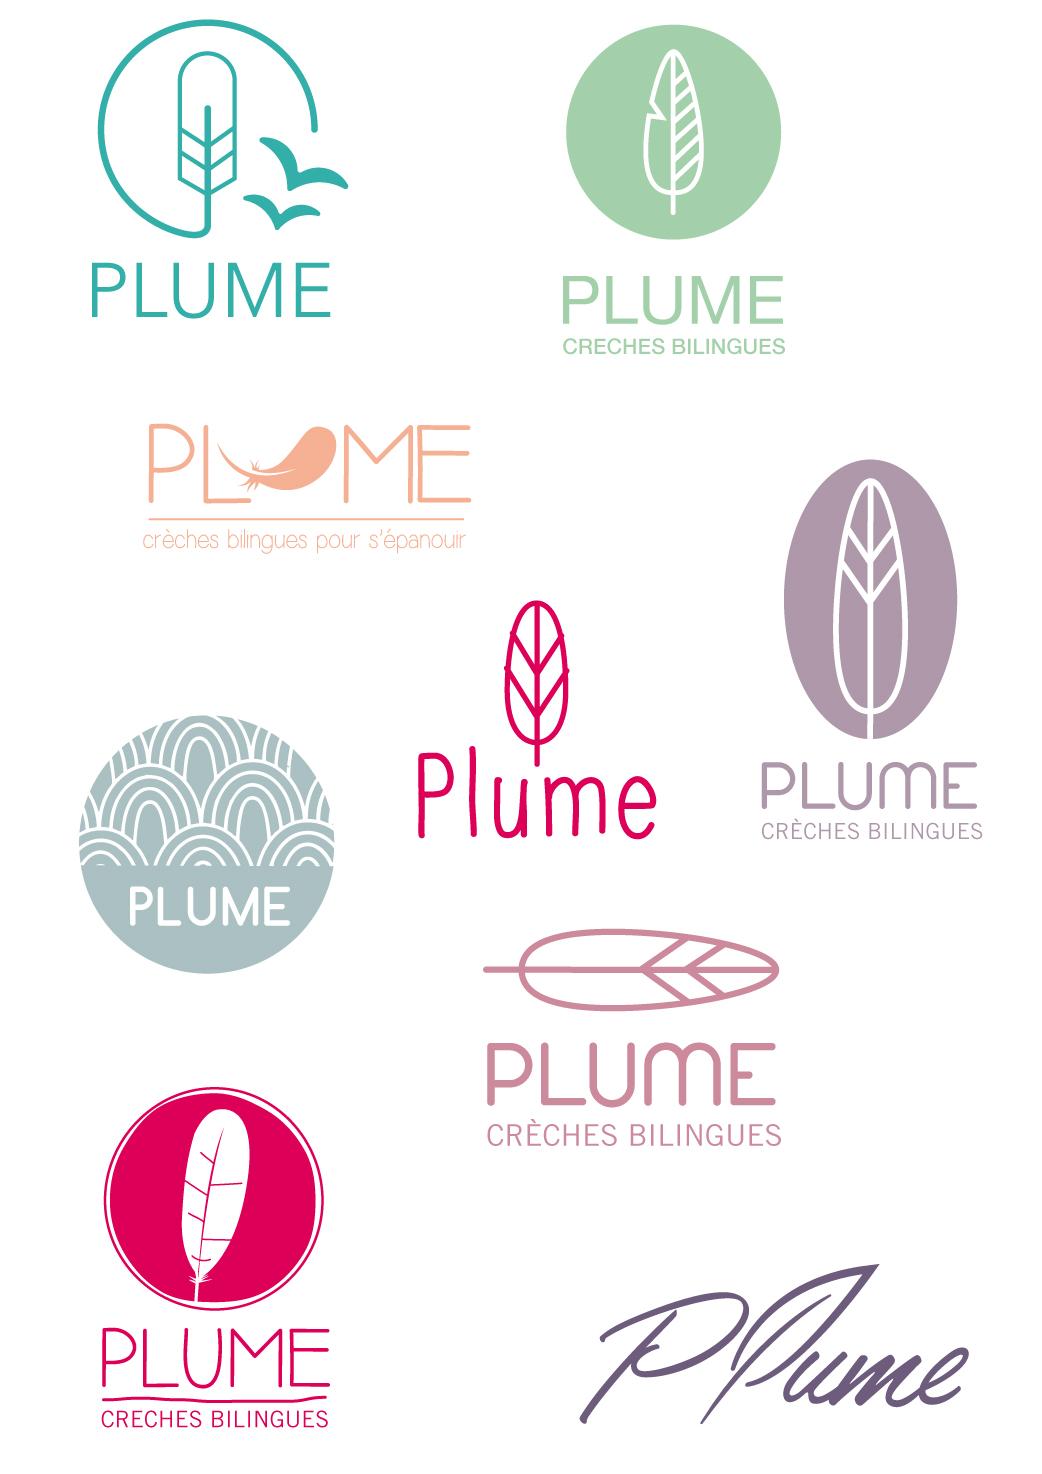 plume-recherches